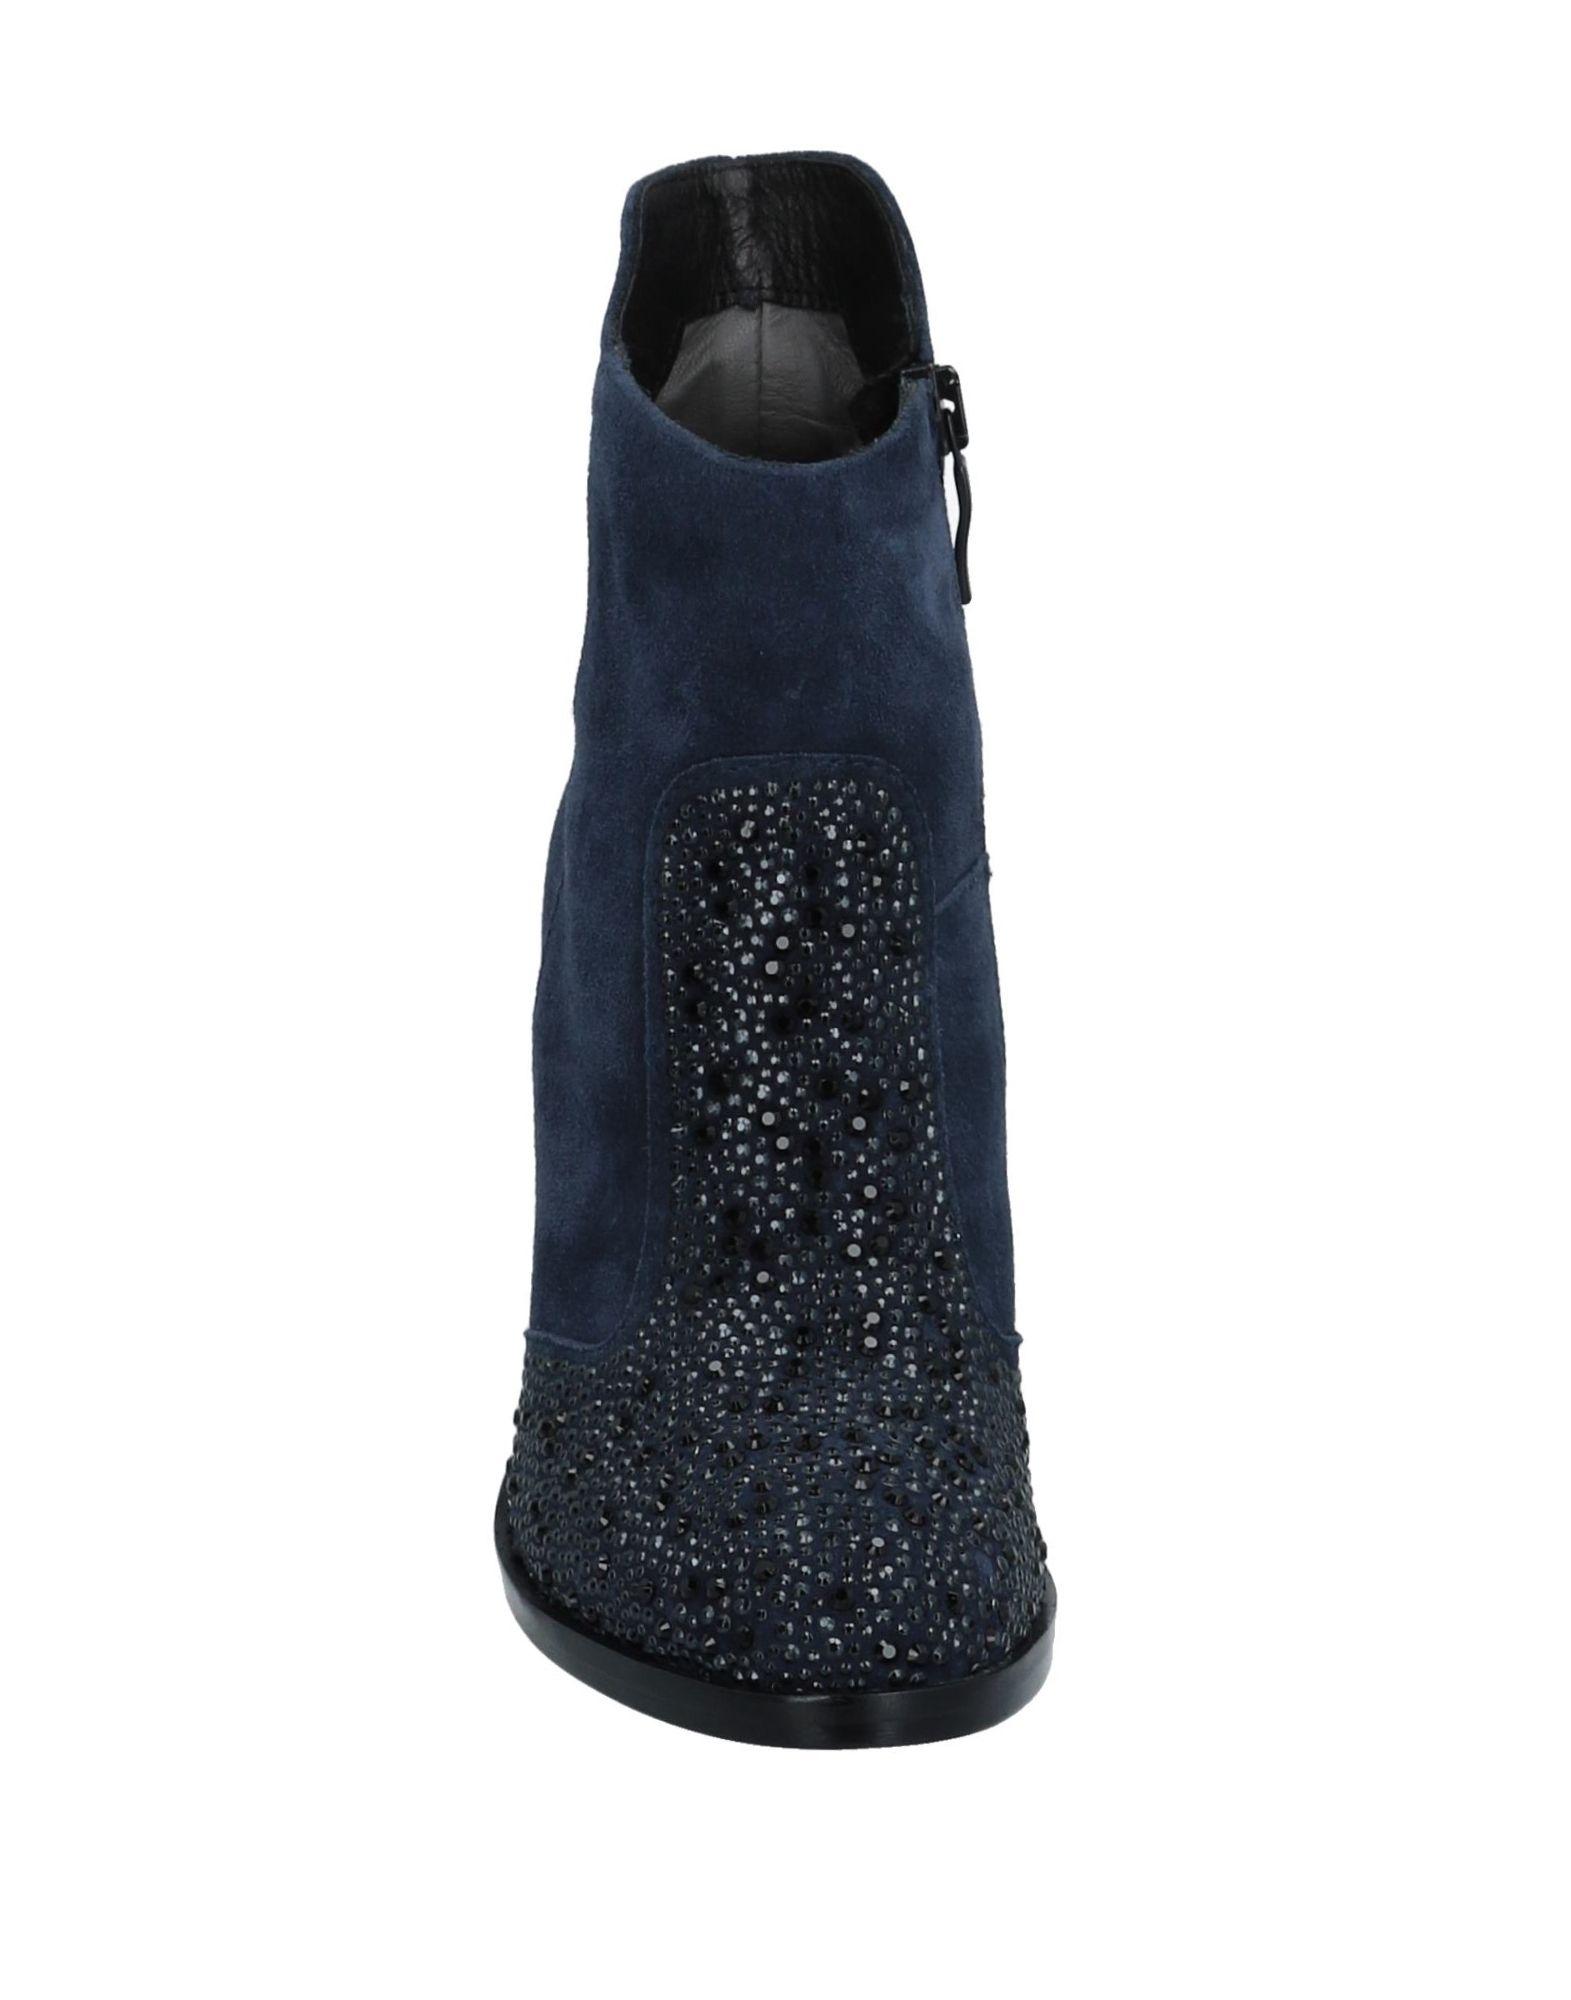 Stilvolle billige Stiefelette Schuhe Janet & Janet Stiefelette billige Damen  11297251WS 638191